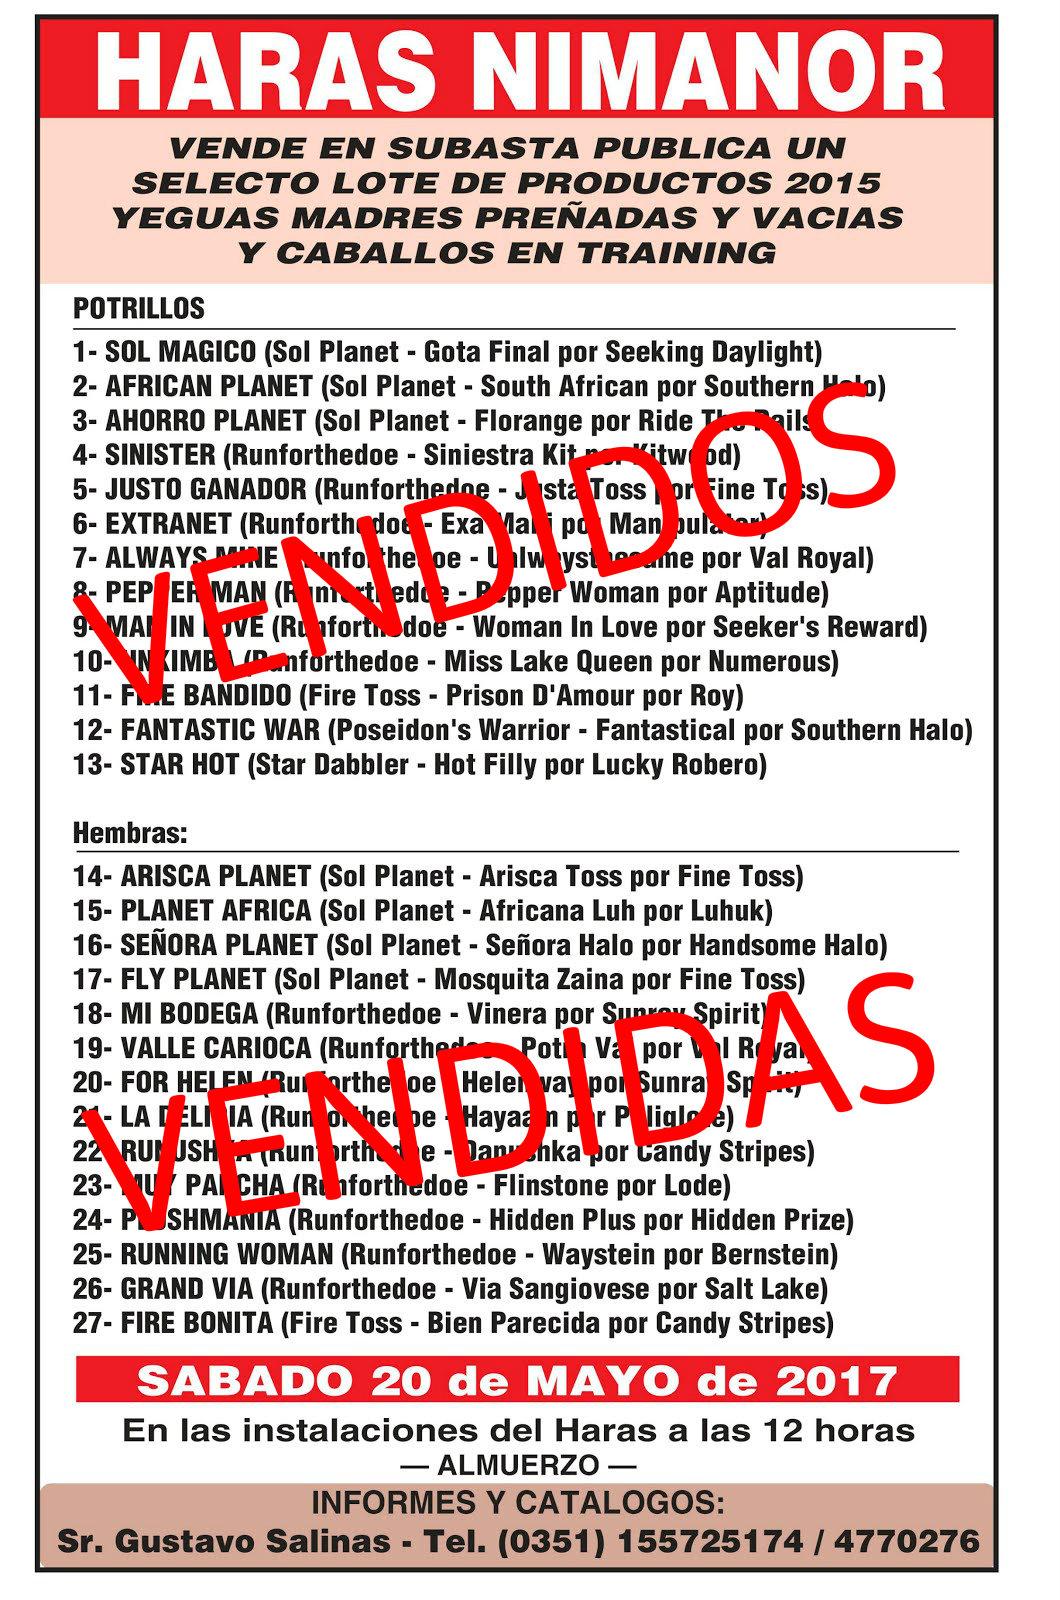 HS NIMANOR REMATE VENDIDOS